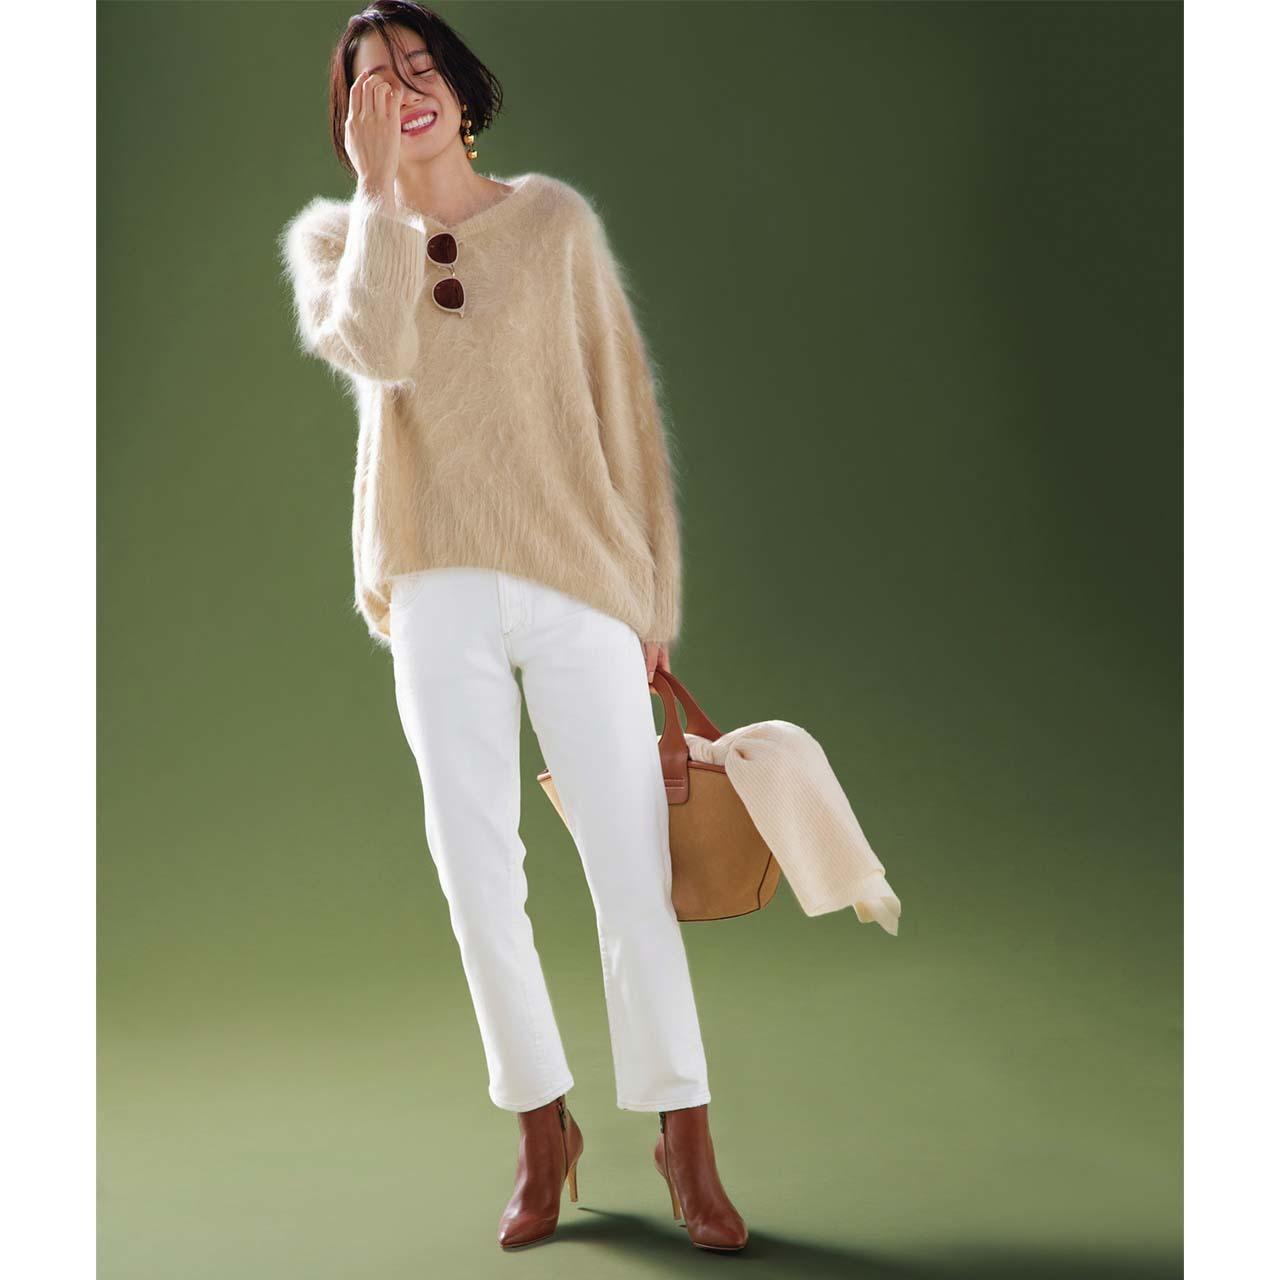 ふわふわなモヘアニット×白デニムパンツコーデを着たモデルの竹内友梨さん